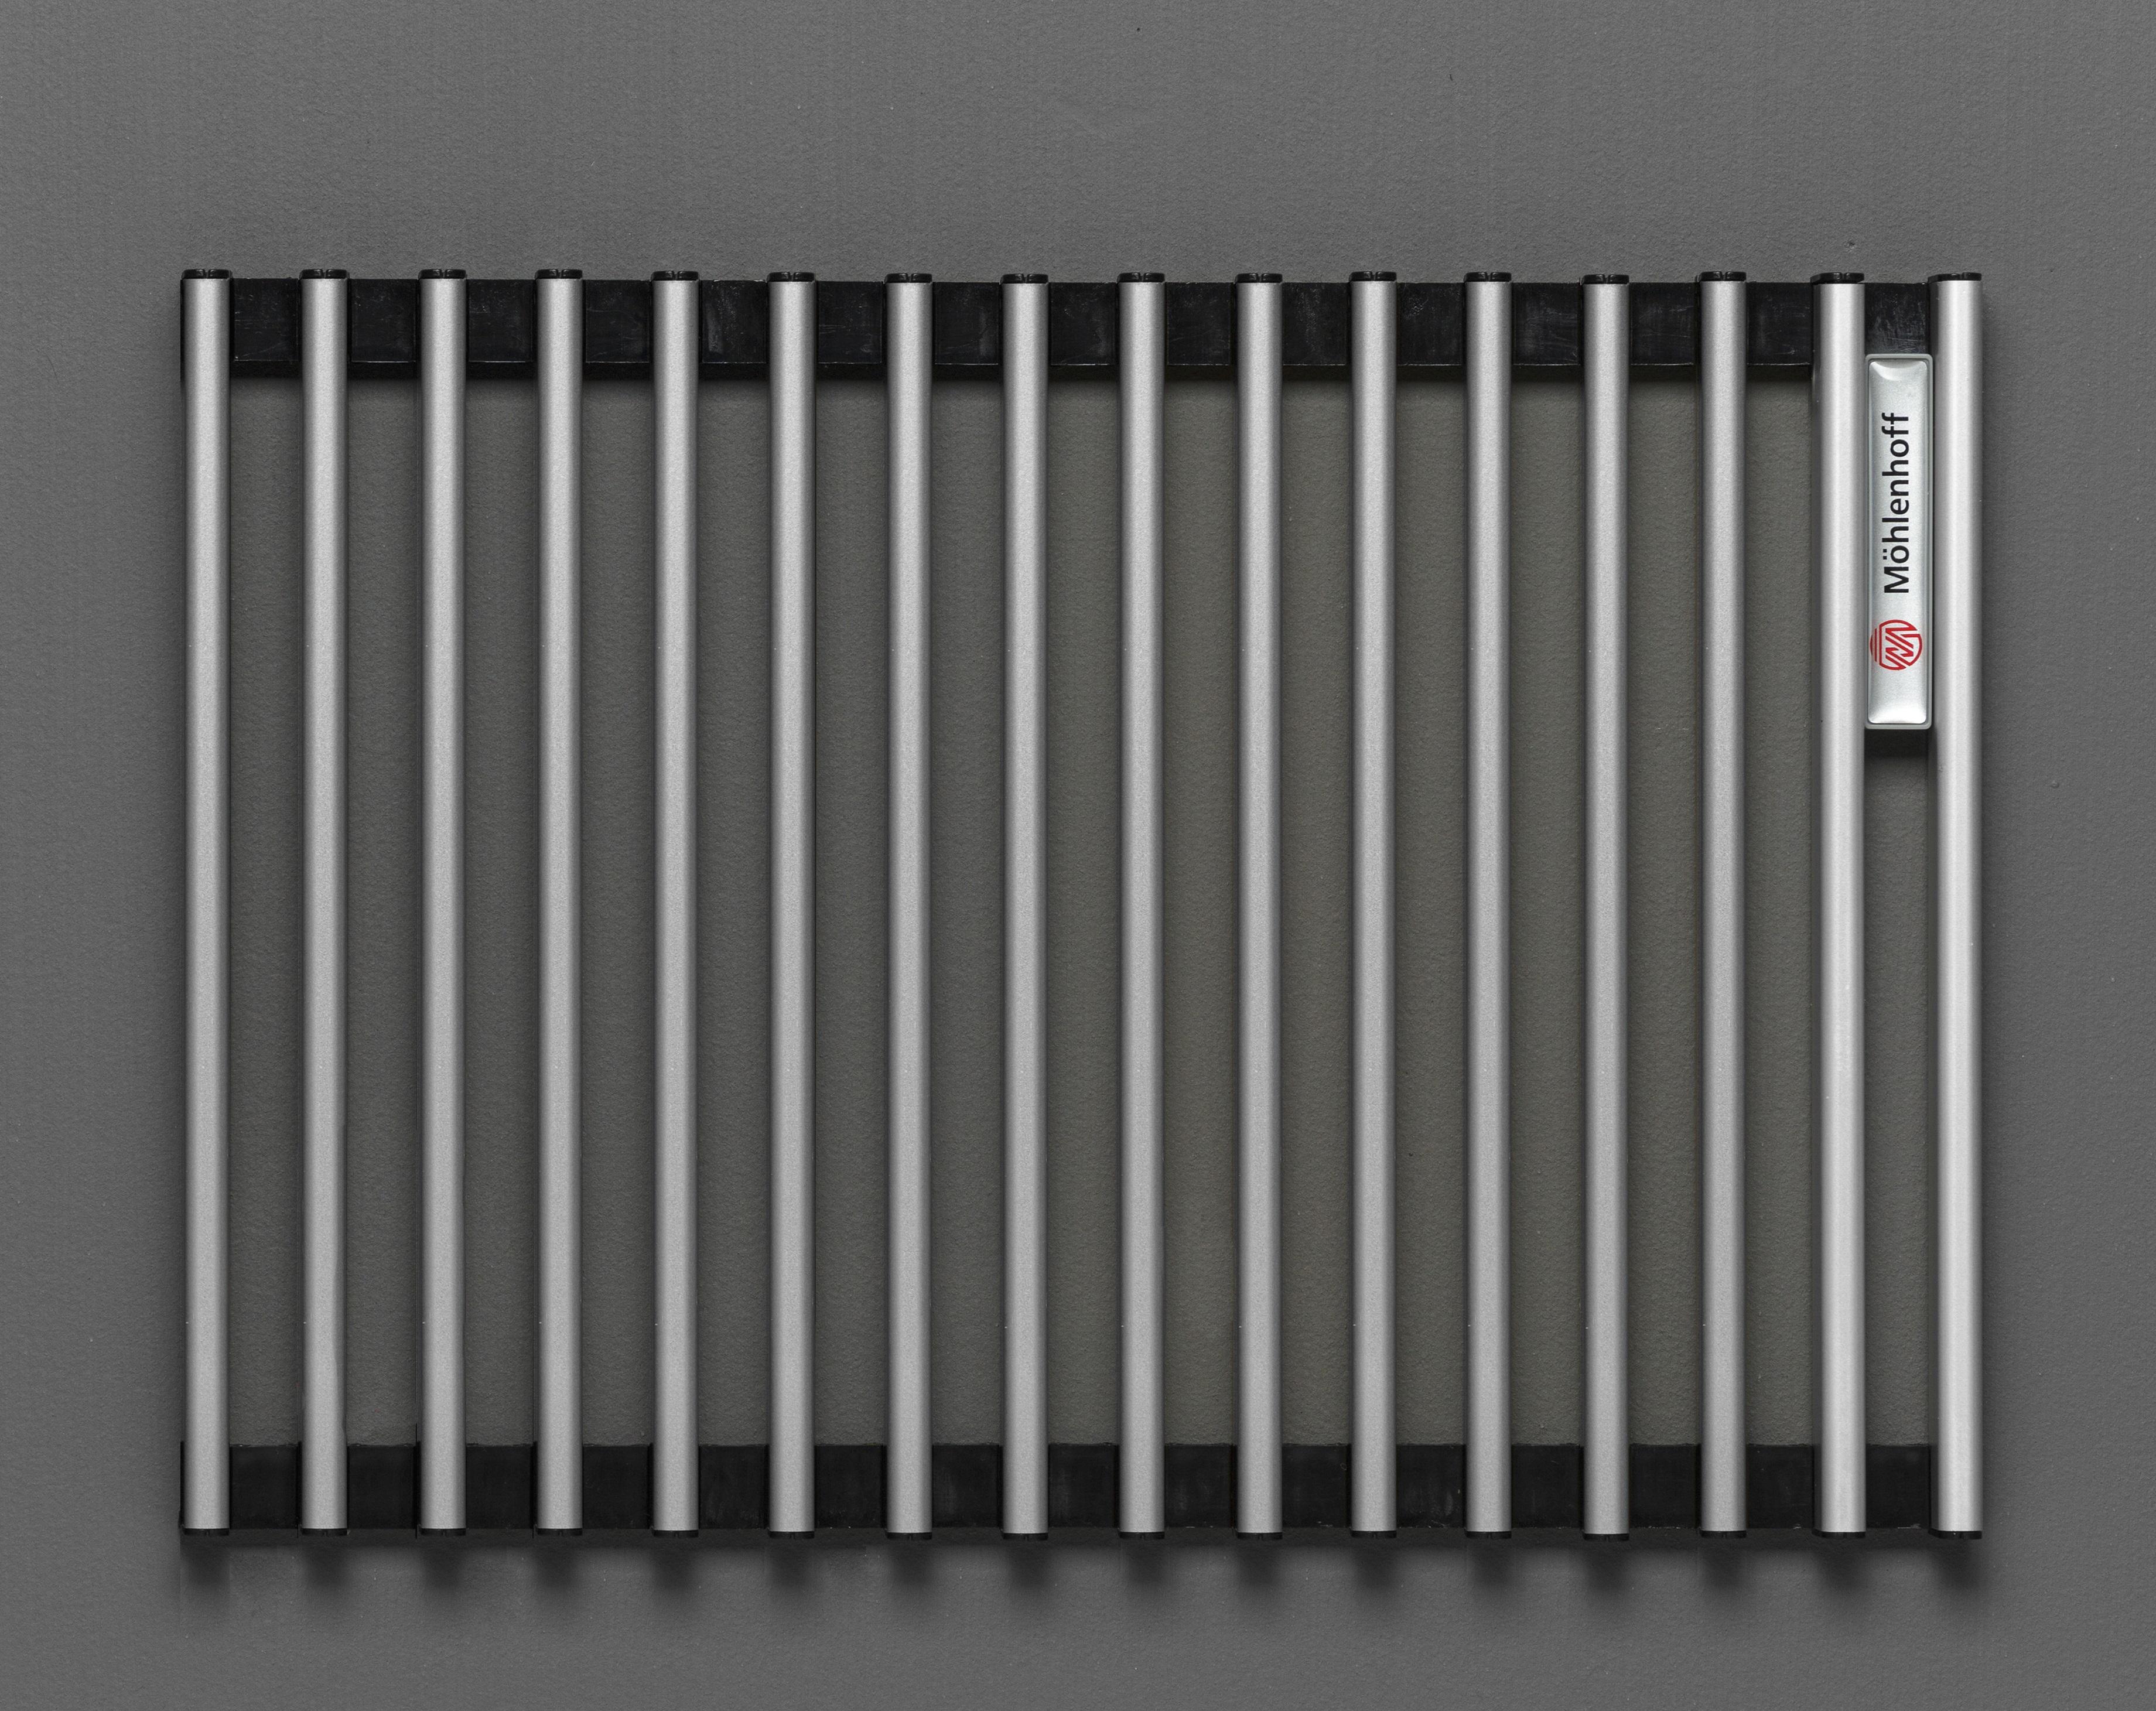 Купить Декоративная решётка Mohlenhoff натуральный алюминий, шириной 360 мм 1 пог. м, Россия